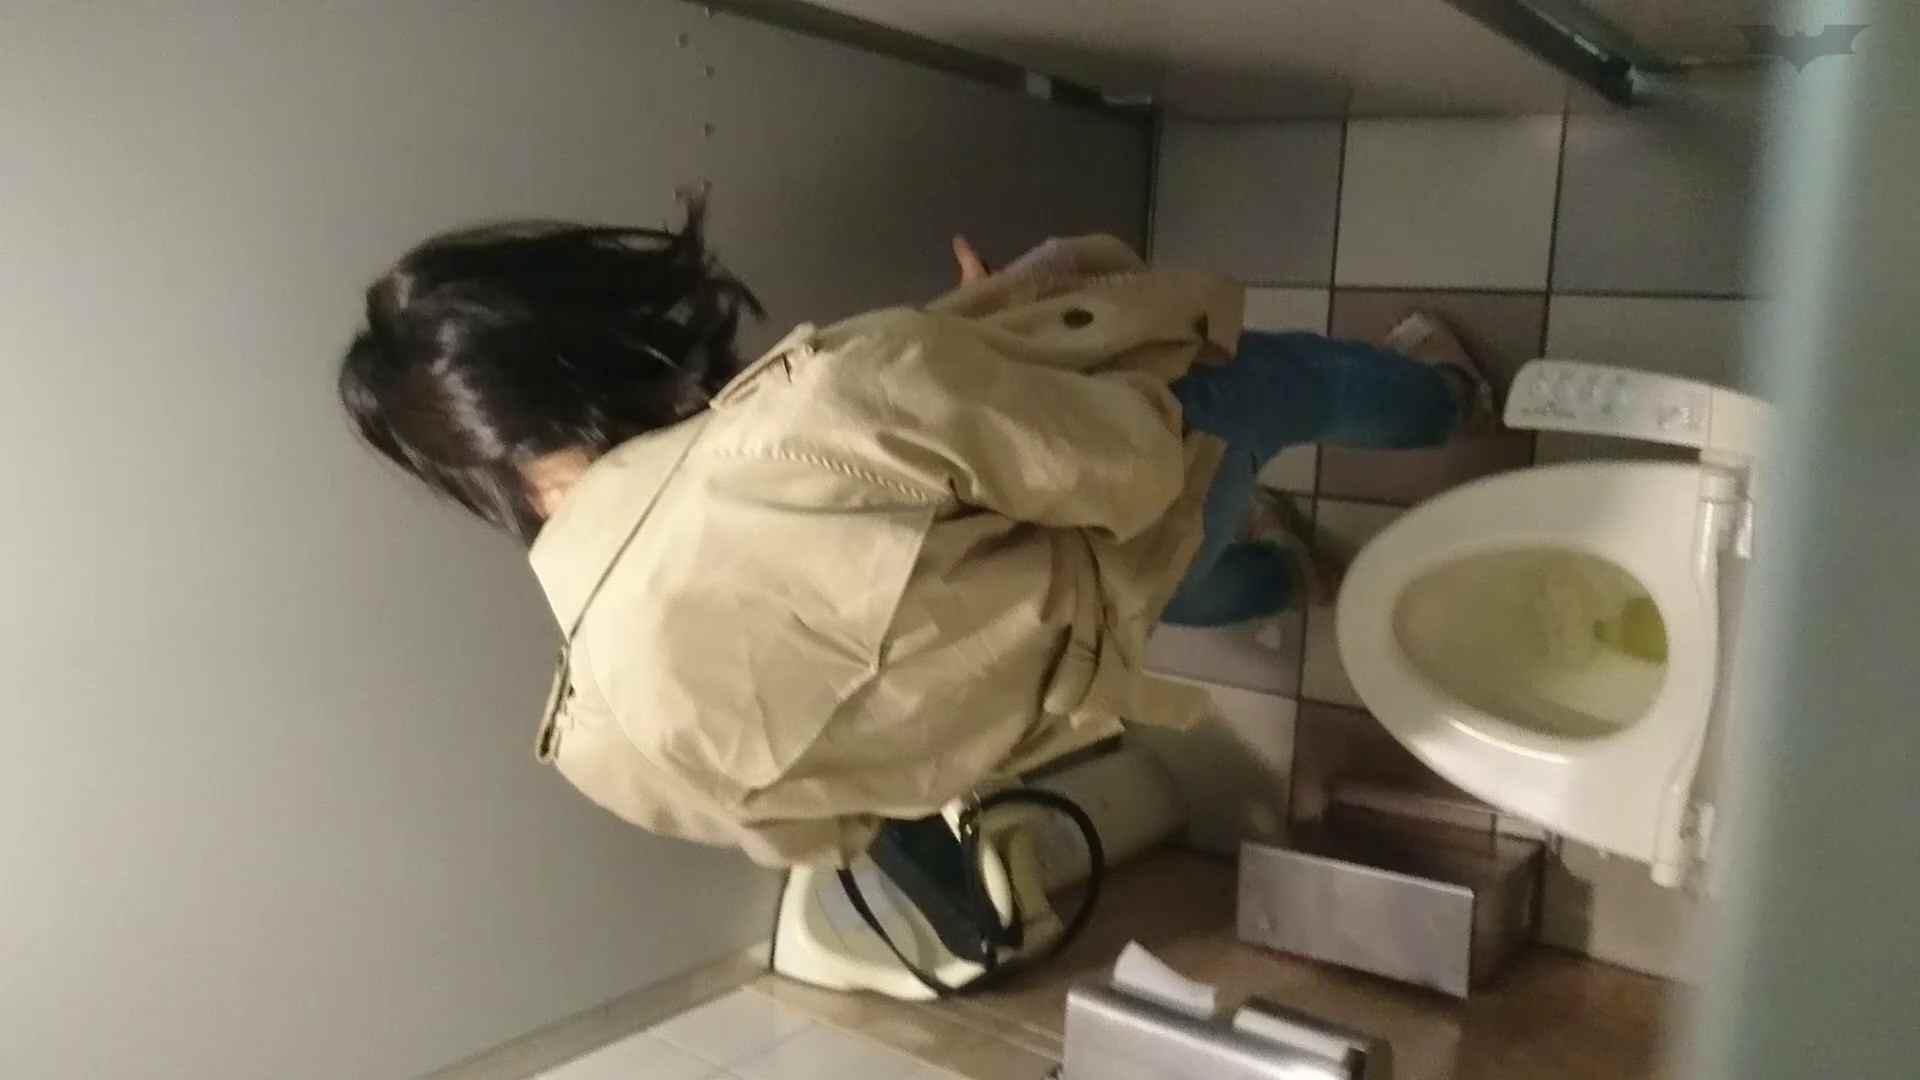 化粧室絵巻 ショッピングモール編 VOL.22 細身体型 アダルト動画キャプチャ 111枚 20